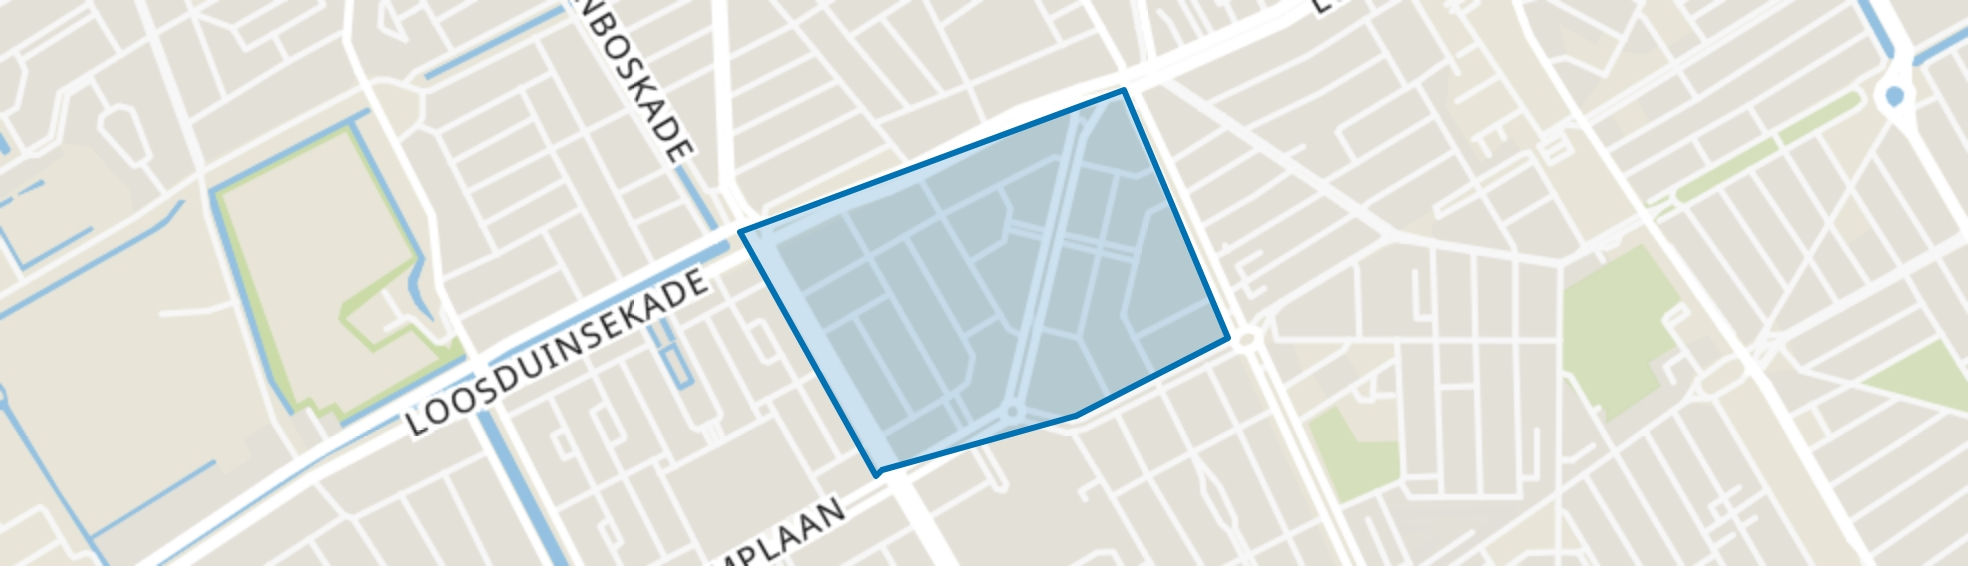 Oostbroek-Noord, Den Haag map